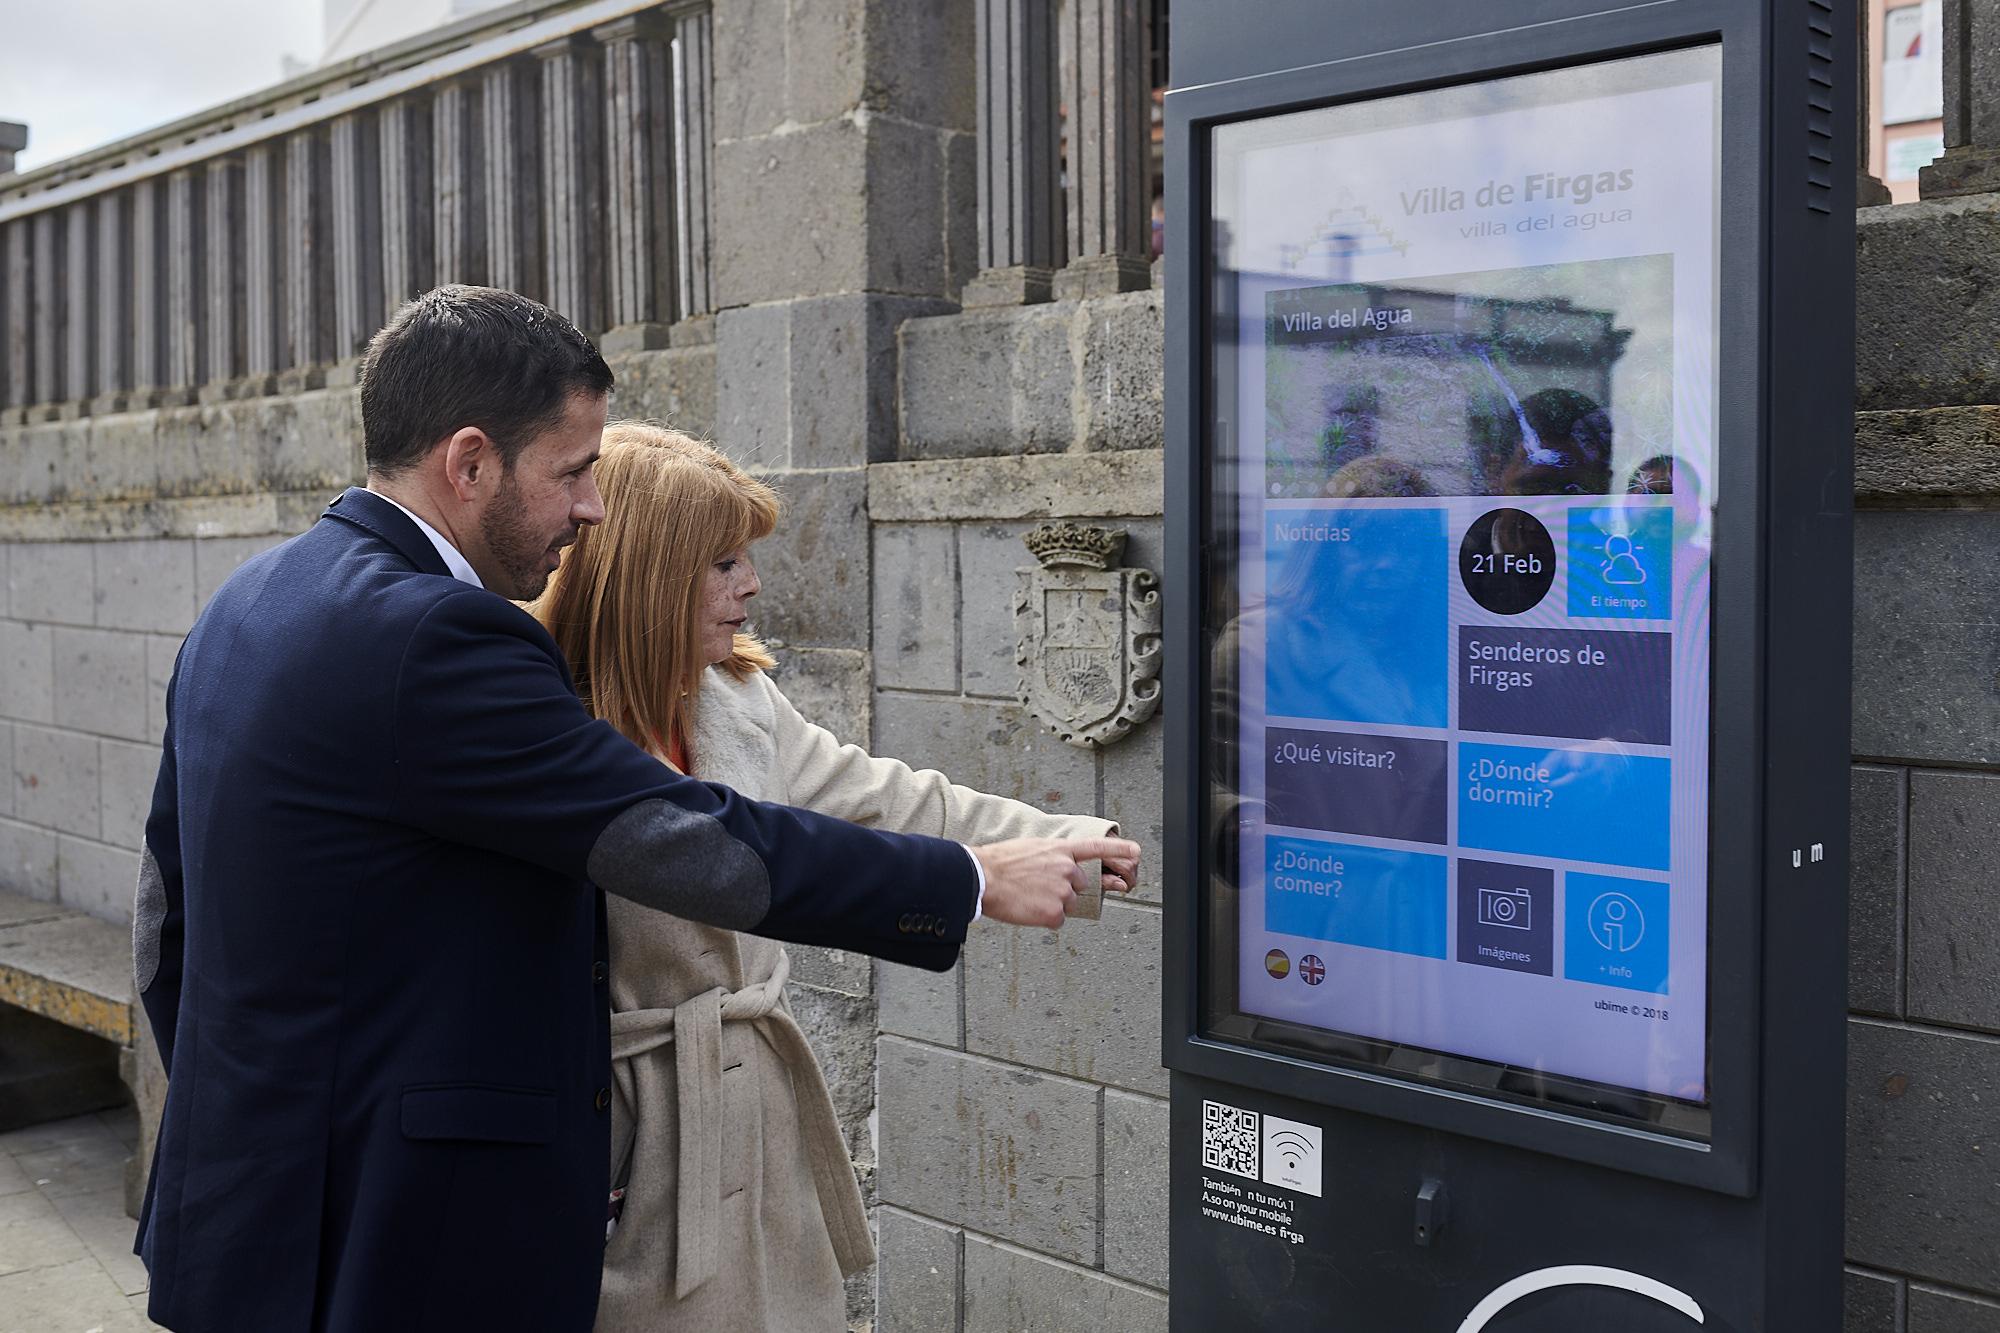 Turismo desarrolla la nueva señalización turística de Firgas